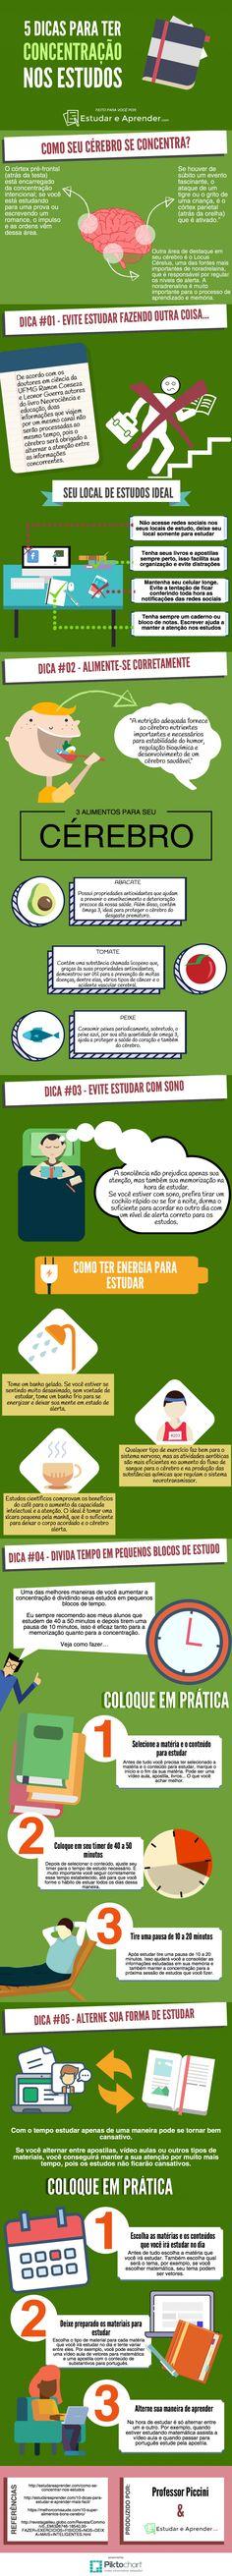 5 dicas para ter concentração nos estudos (Infográfico) - Estudar e AprenderFacebookGoogle+InstagramTwitterYouTube